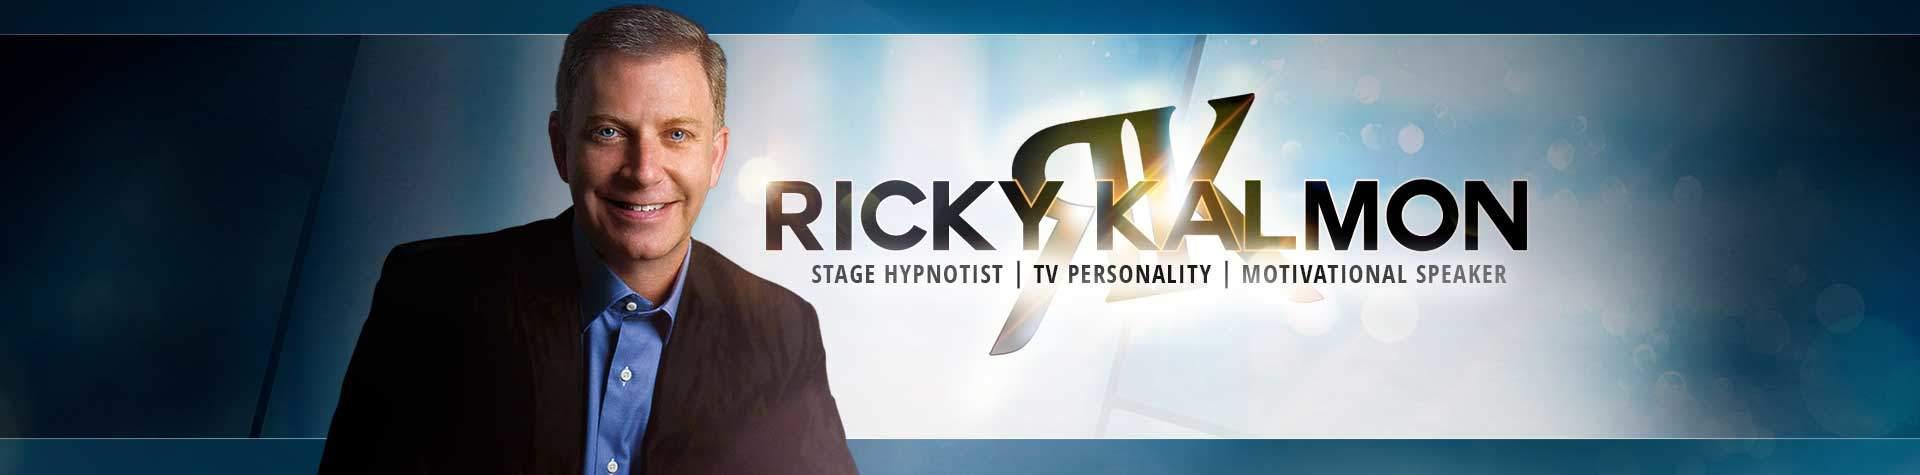 Ricky Kalmon Header